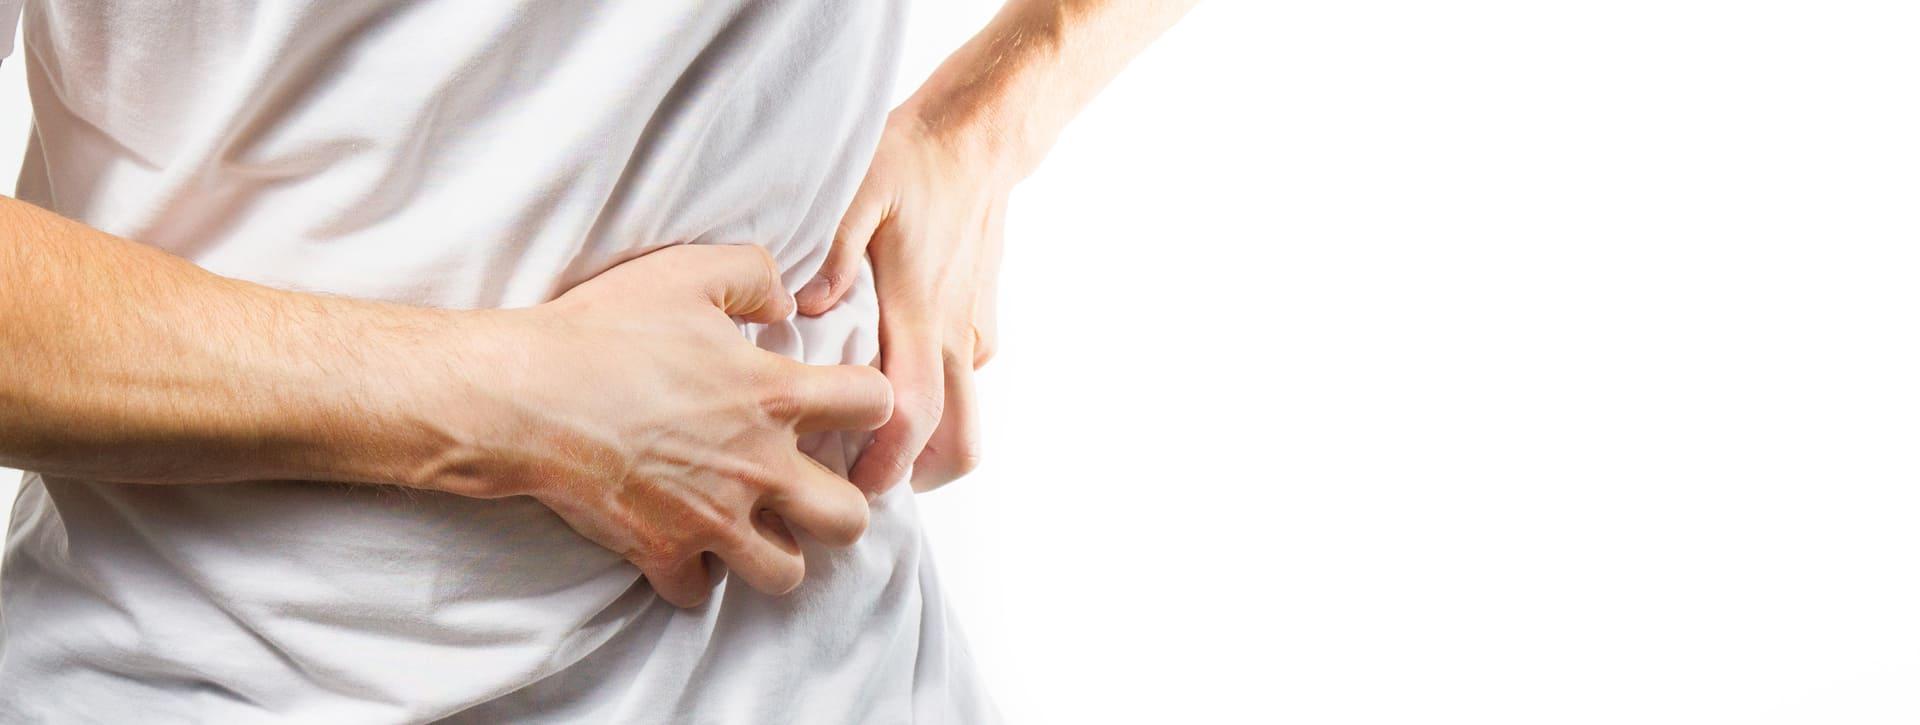 Влияние алкоголя на поджелудочную железу — последствия спиртного при  панкреатите